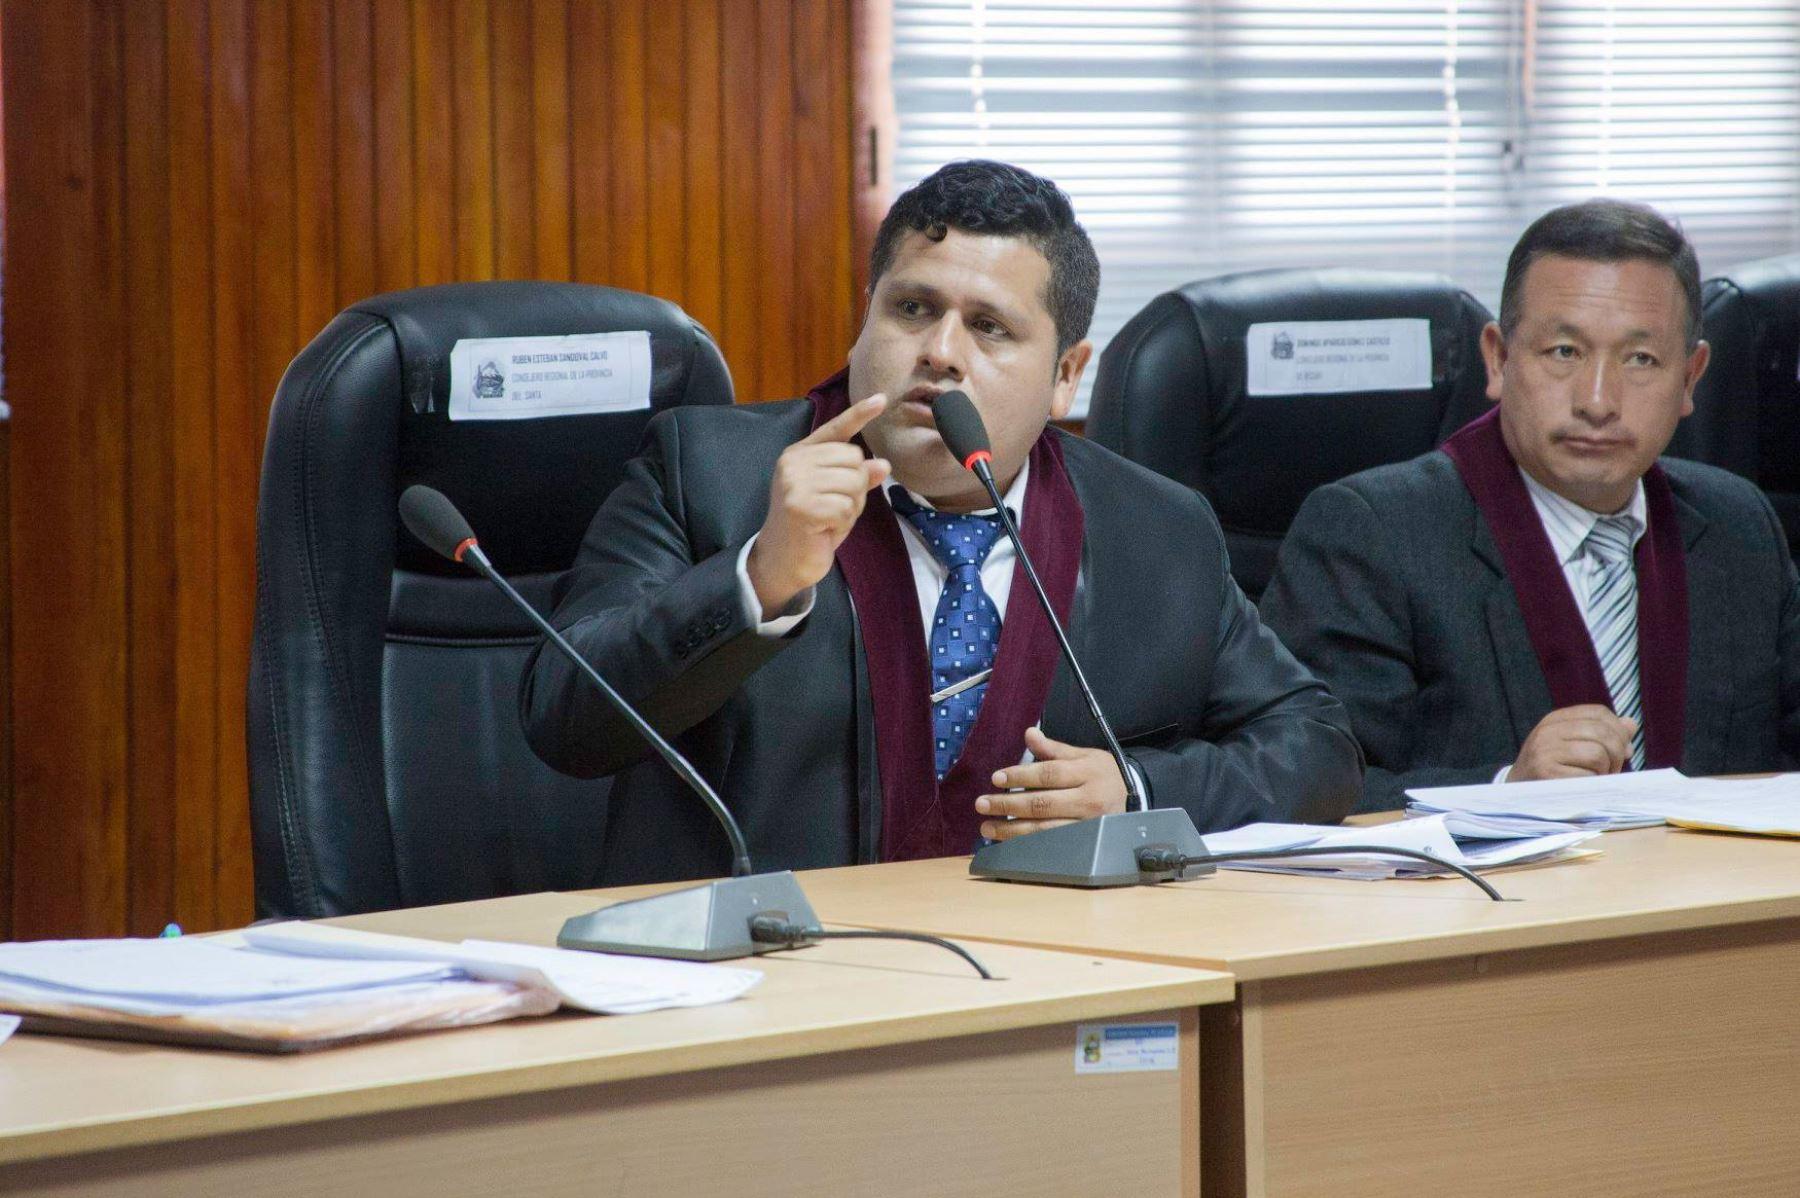 El consejero regional de Áncash Rubén Esteban Sandoval Calvo fue sentenciado por el delito de colusión simple. Foto: ANDINA/Gonzalo Horna